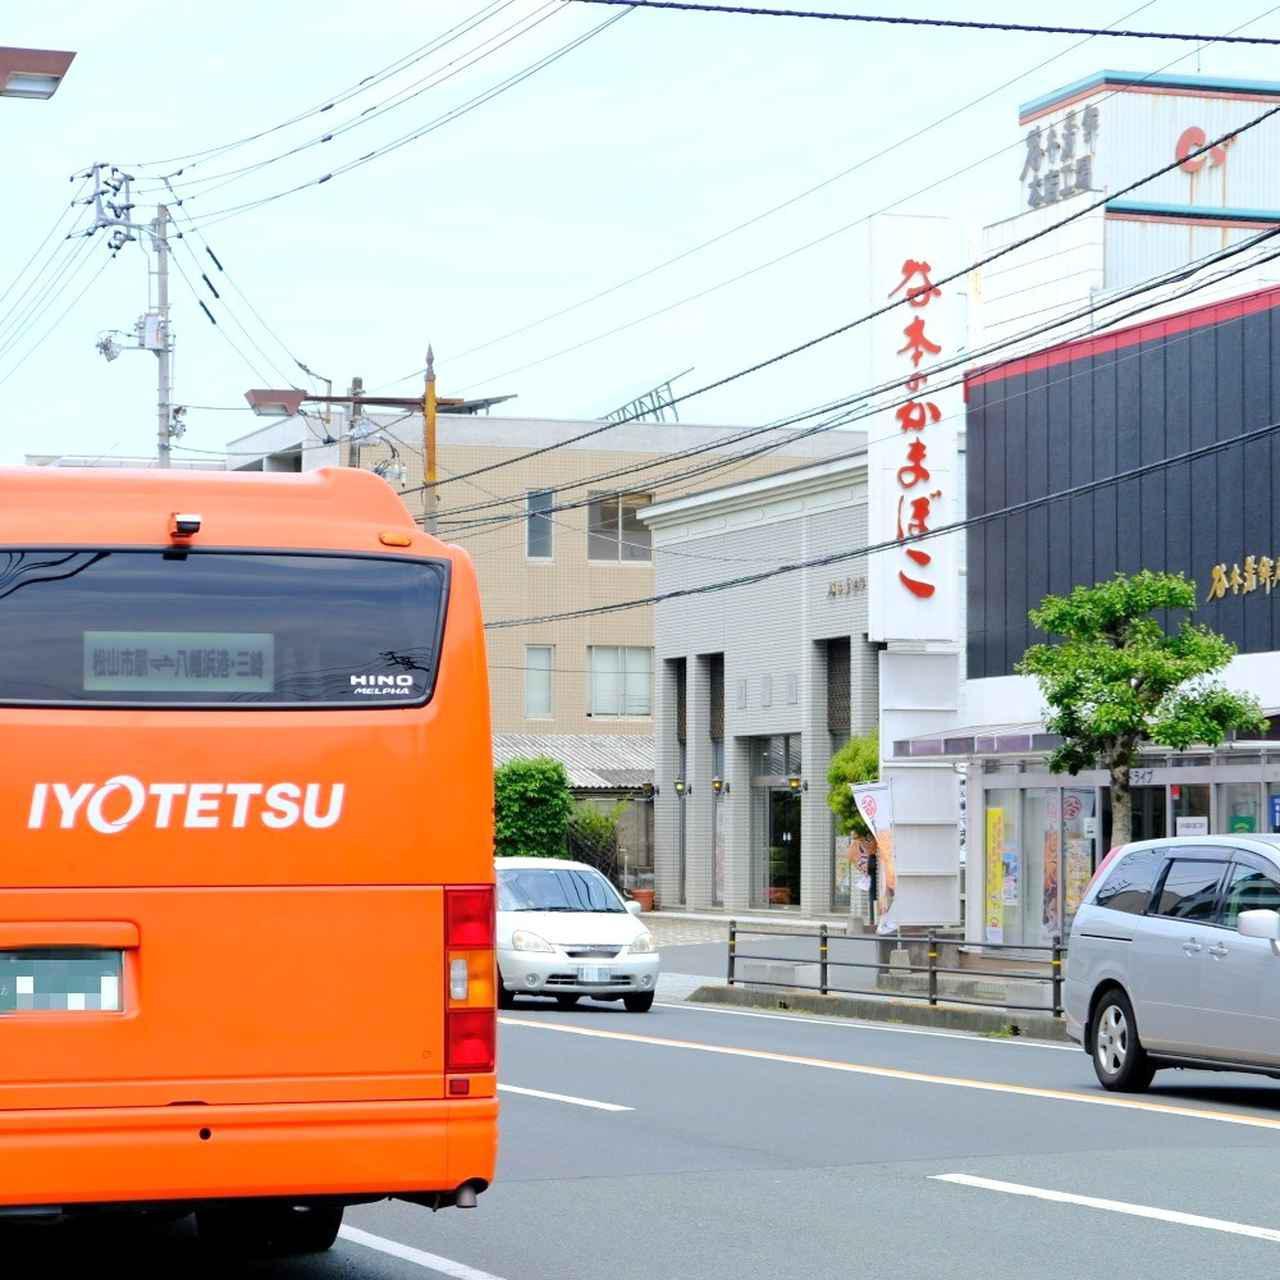 画像: 松山市駅から八幡浜へ。バスはリムジンバスで座席も広くて快適でした。バス停目の前でレンタサイクルを借ります。